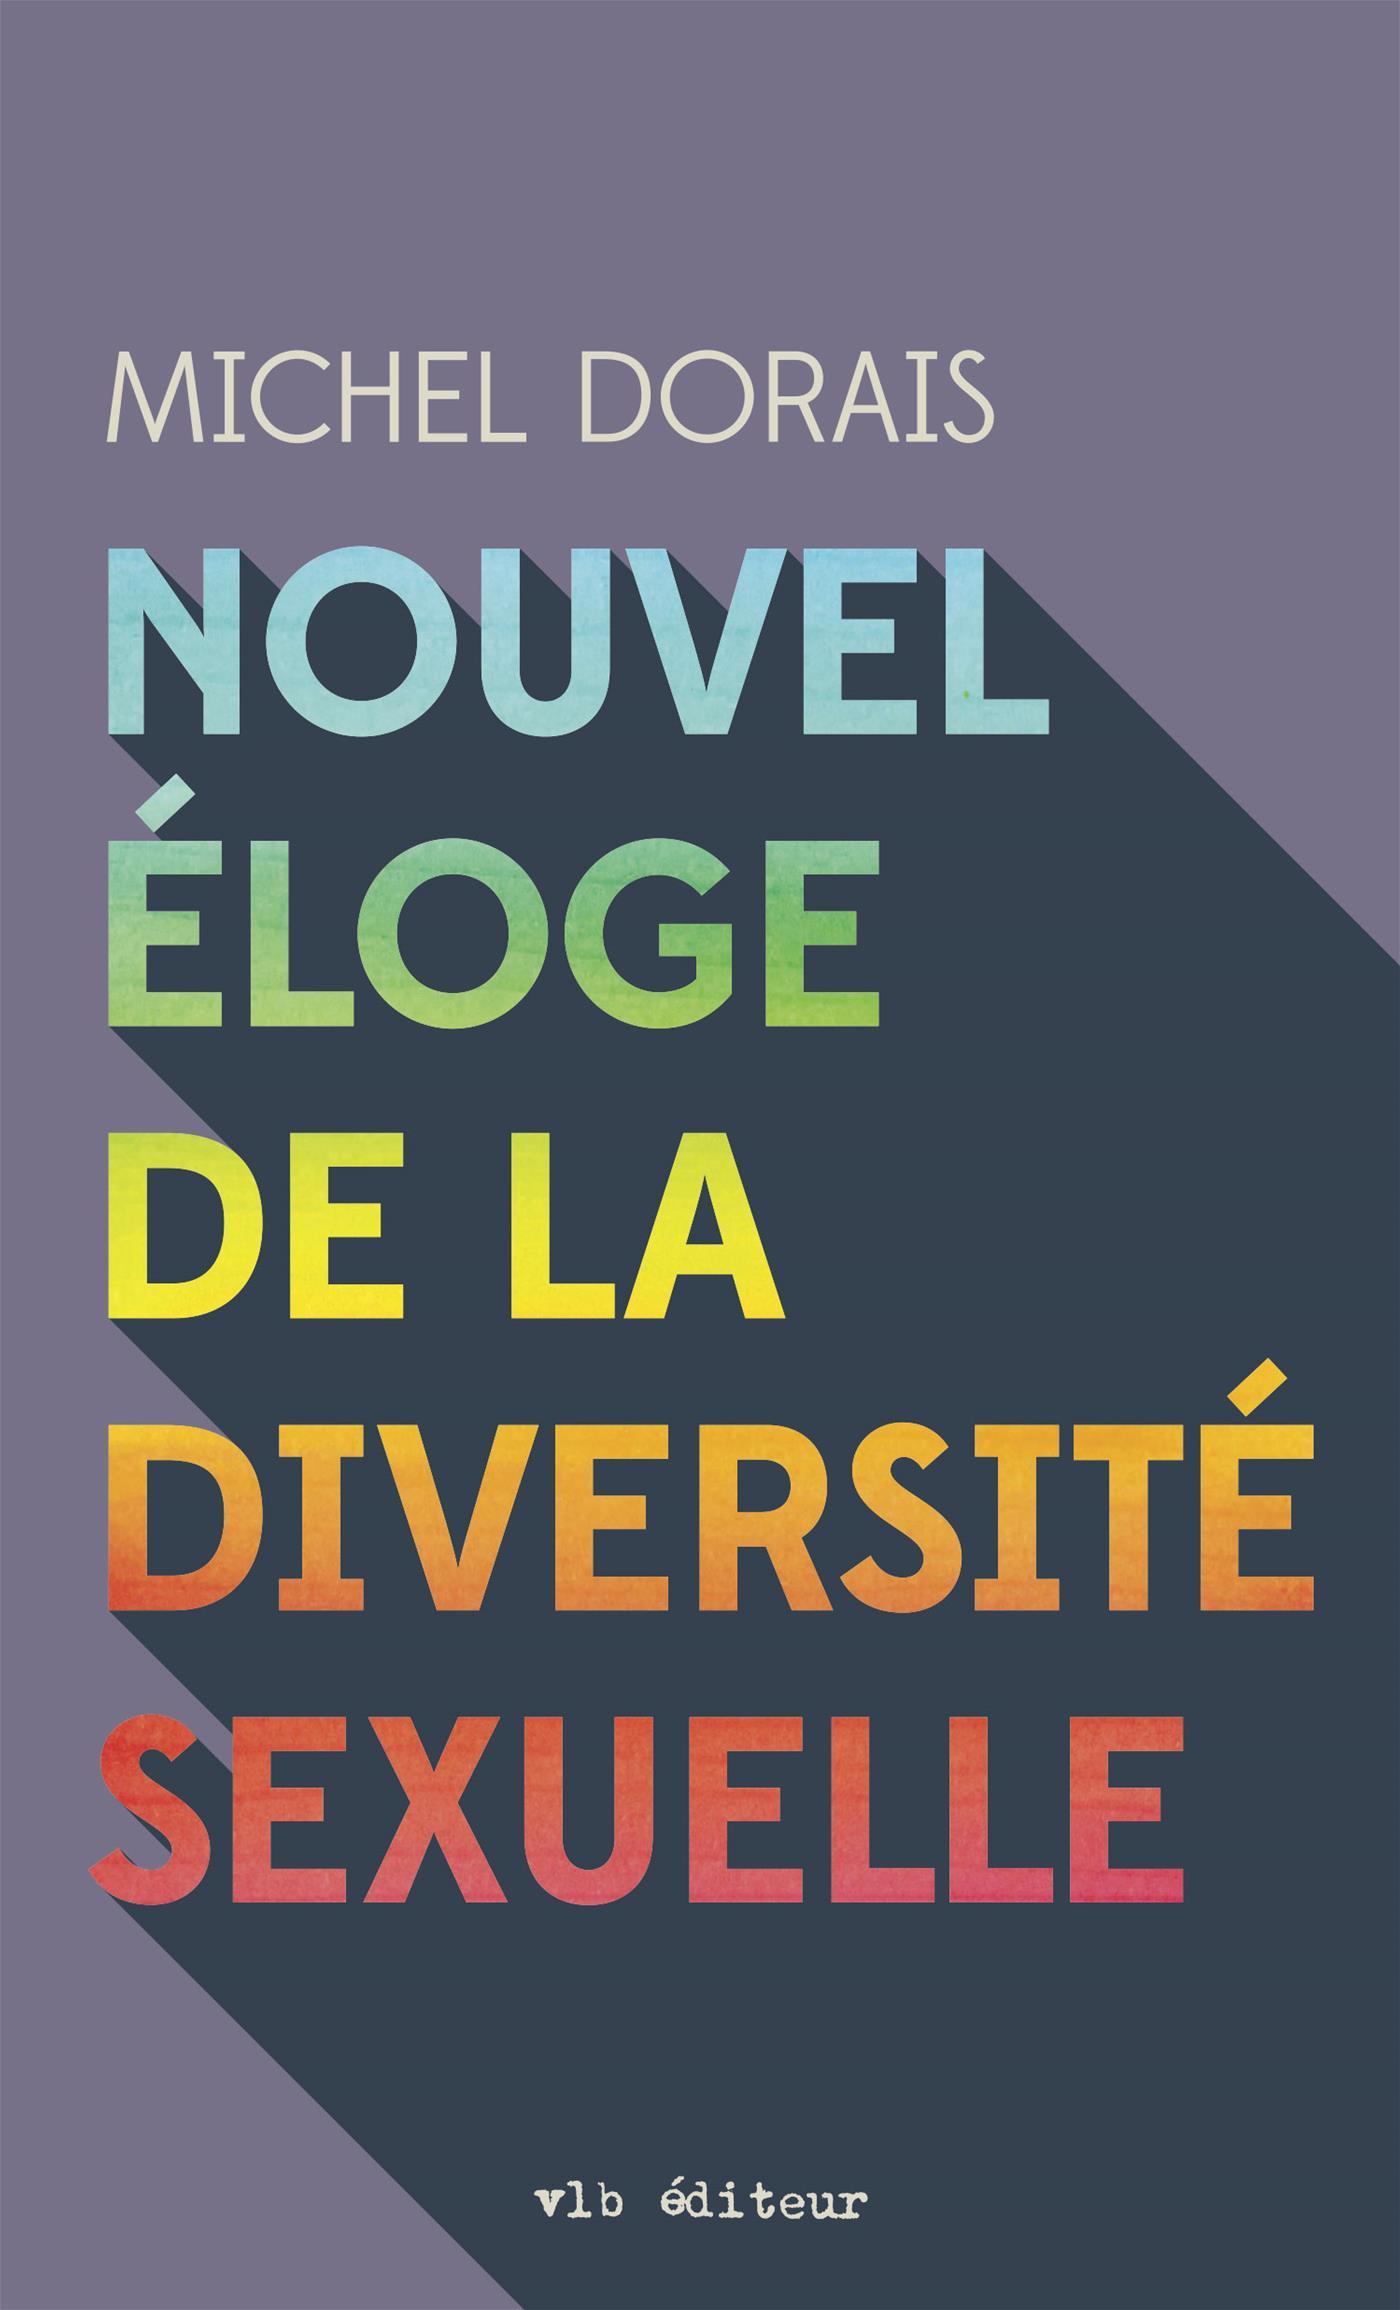 Nouvel éloge de la diversité sexuelle